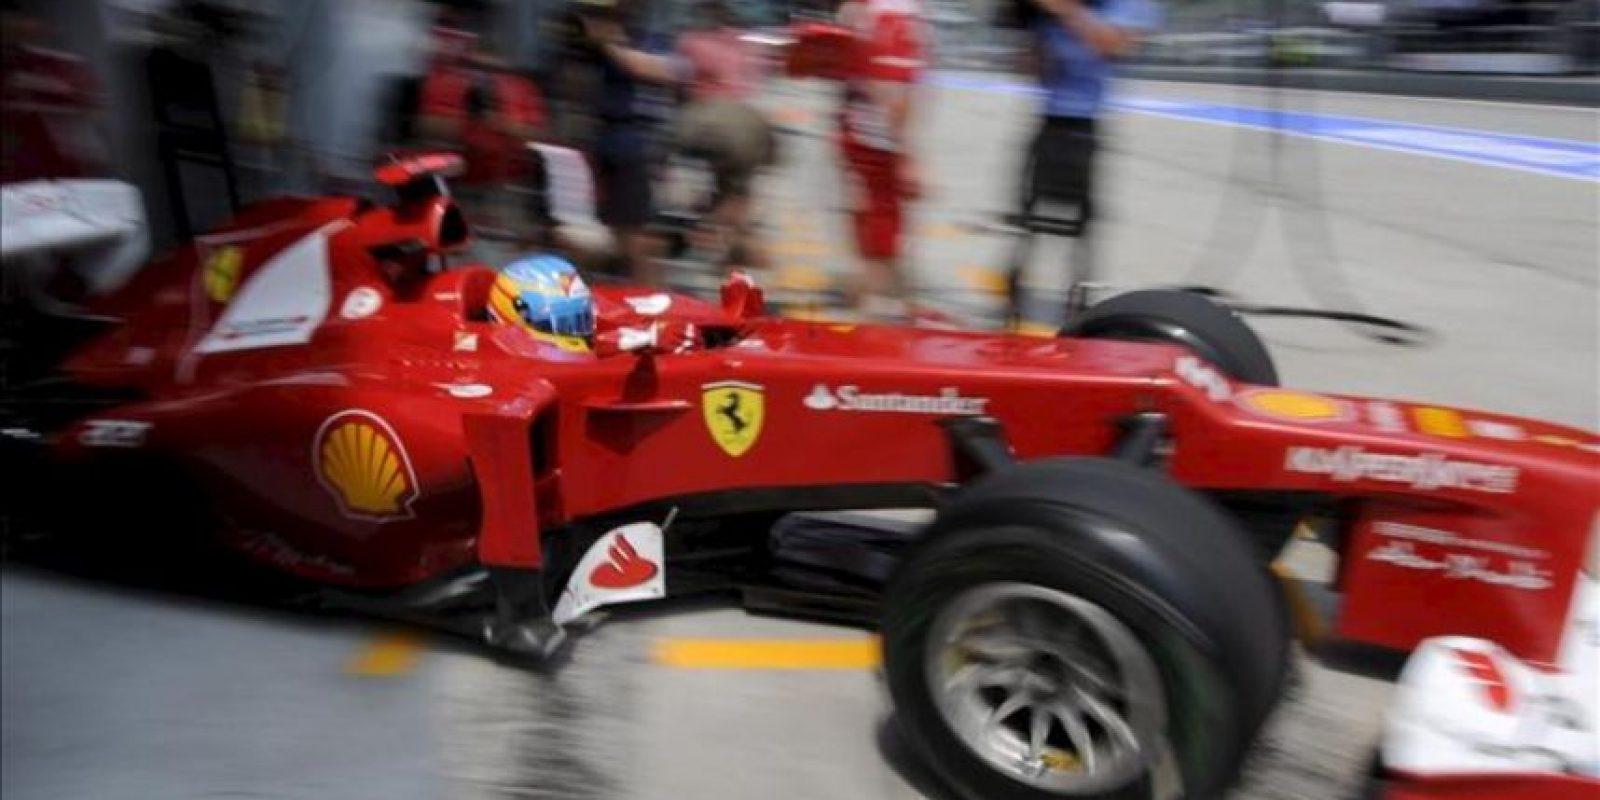 El piloto español Fernando Alonso (Ferrari) sale del garaje de su escudería durante la segunda sesión de entrenamientos libres previa al Gran Premio de Malasia en el circuito de Sepang, a las afueras de Kuala Lumpur, Malasia. El Gran Premio de Malasia, segunda prueba del Mundial de Fórmula Uno, se disputa el próximo domingo. EFE